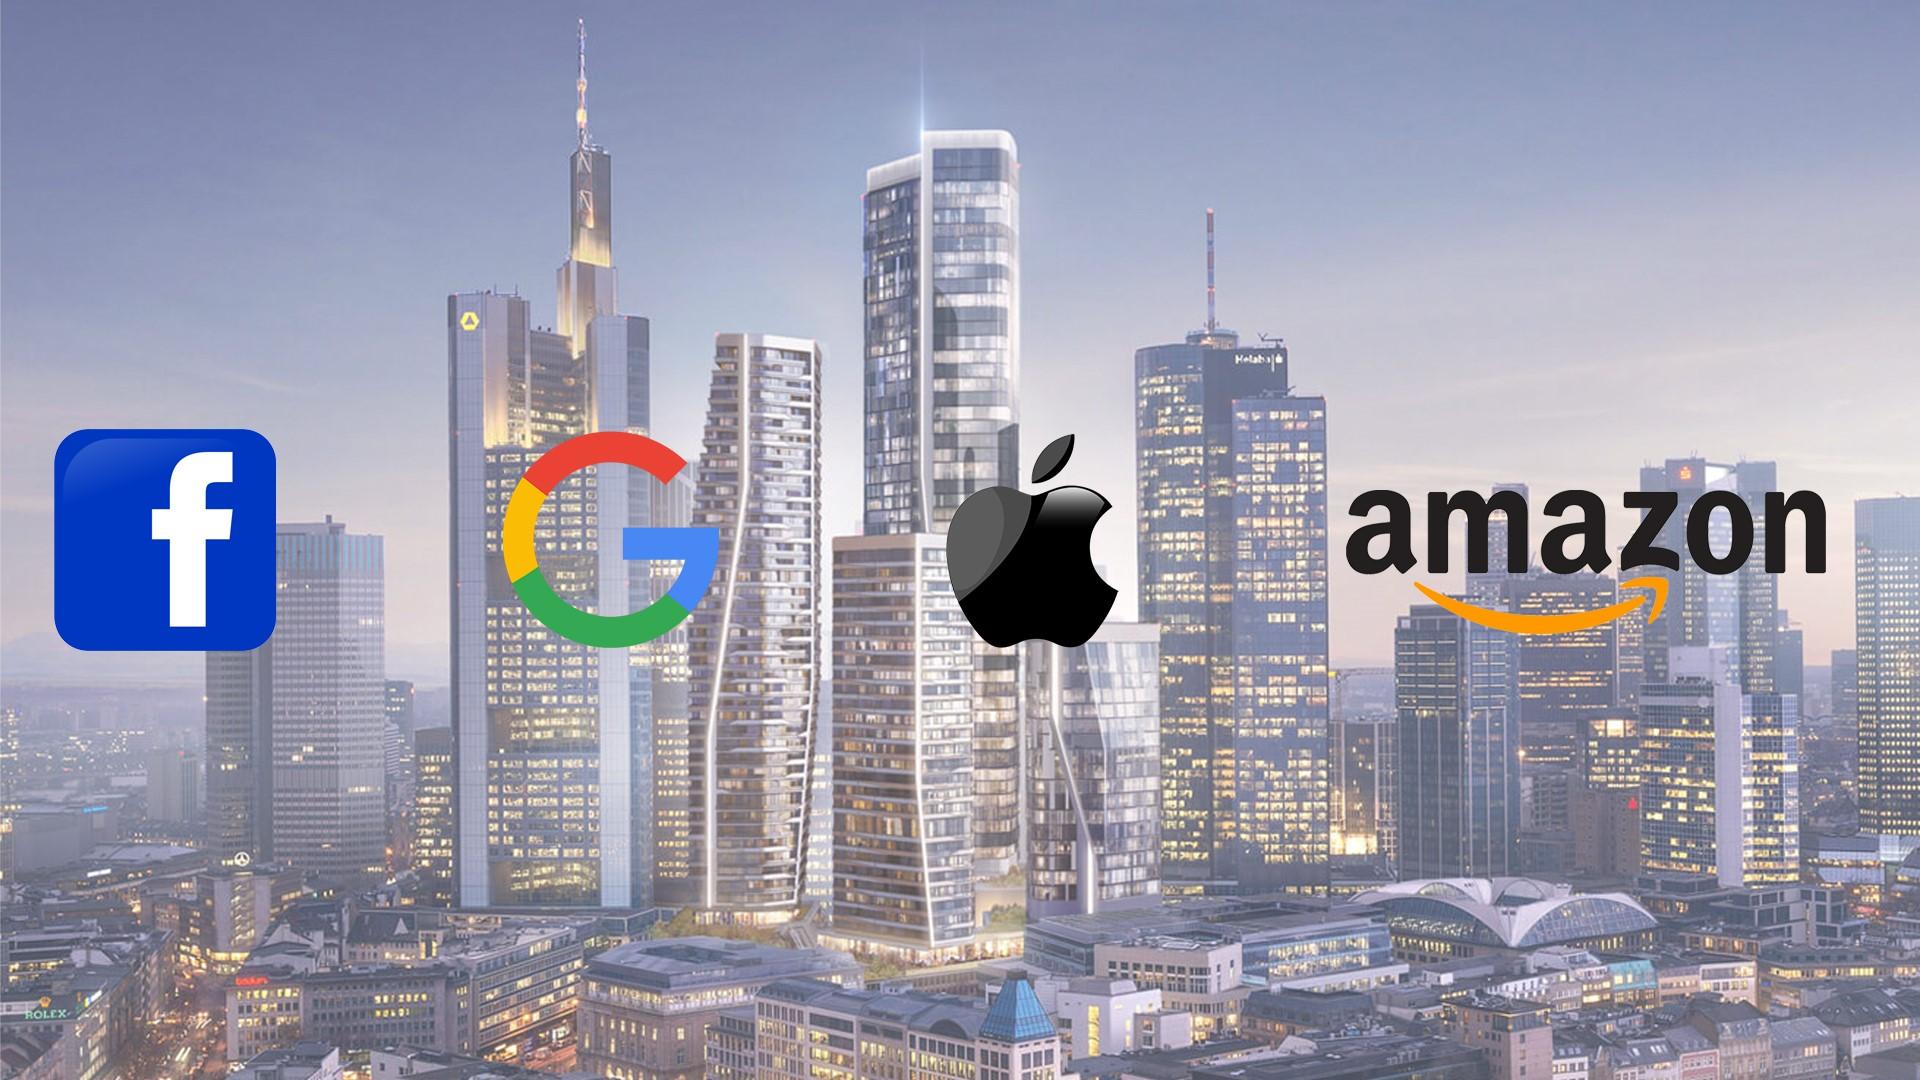 Skyline mit Facebook, google , apple und amazon logo